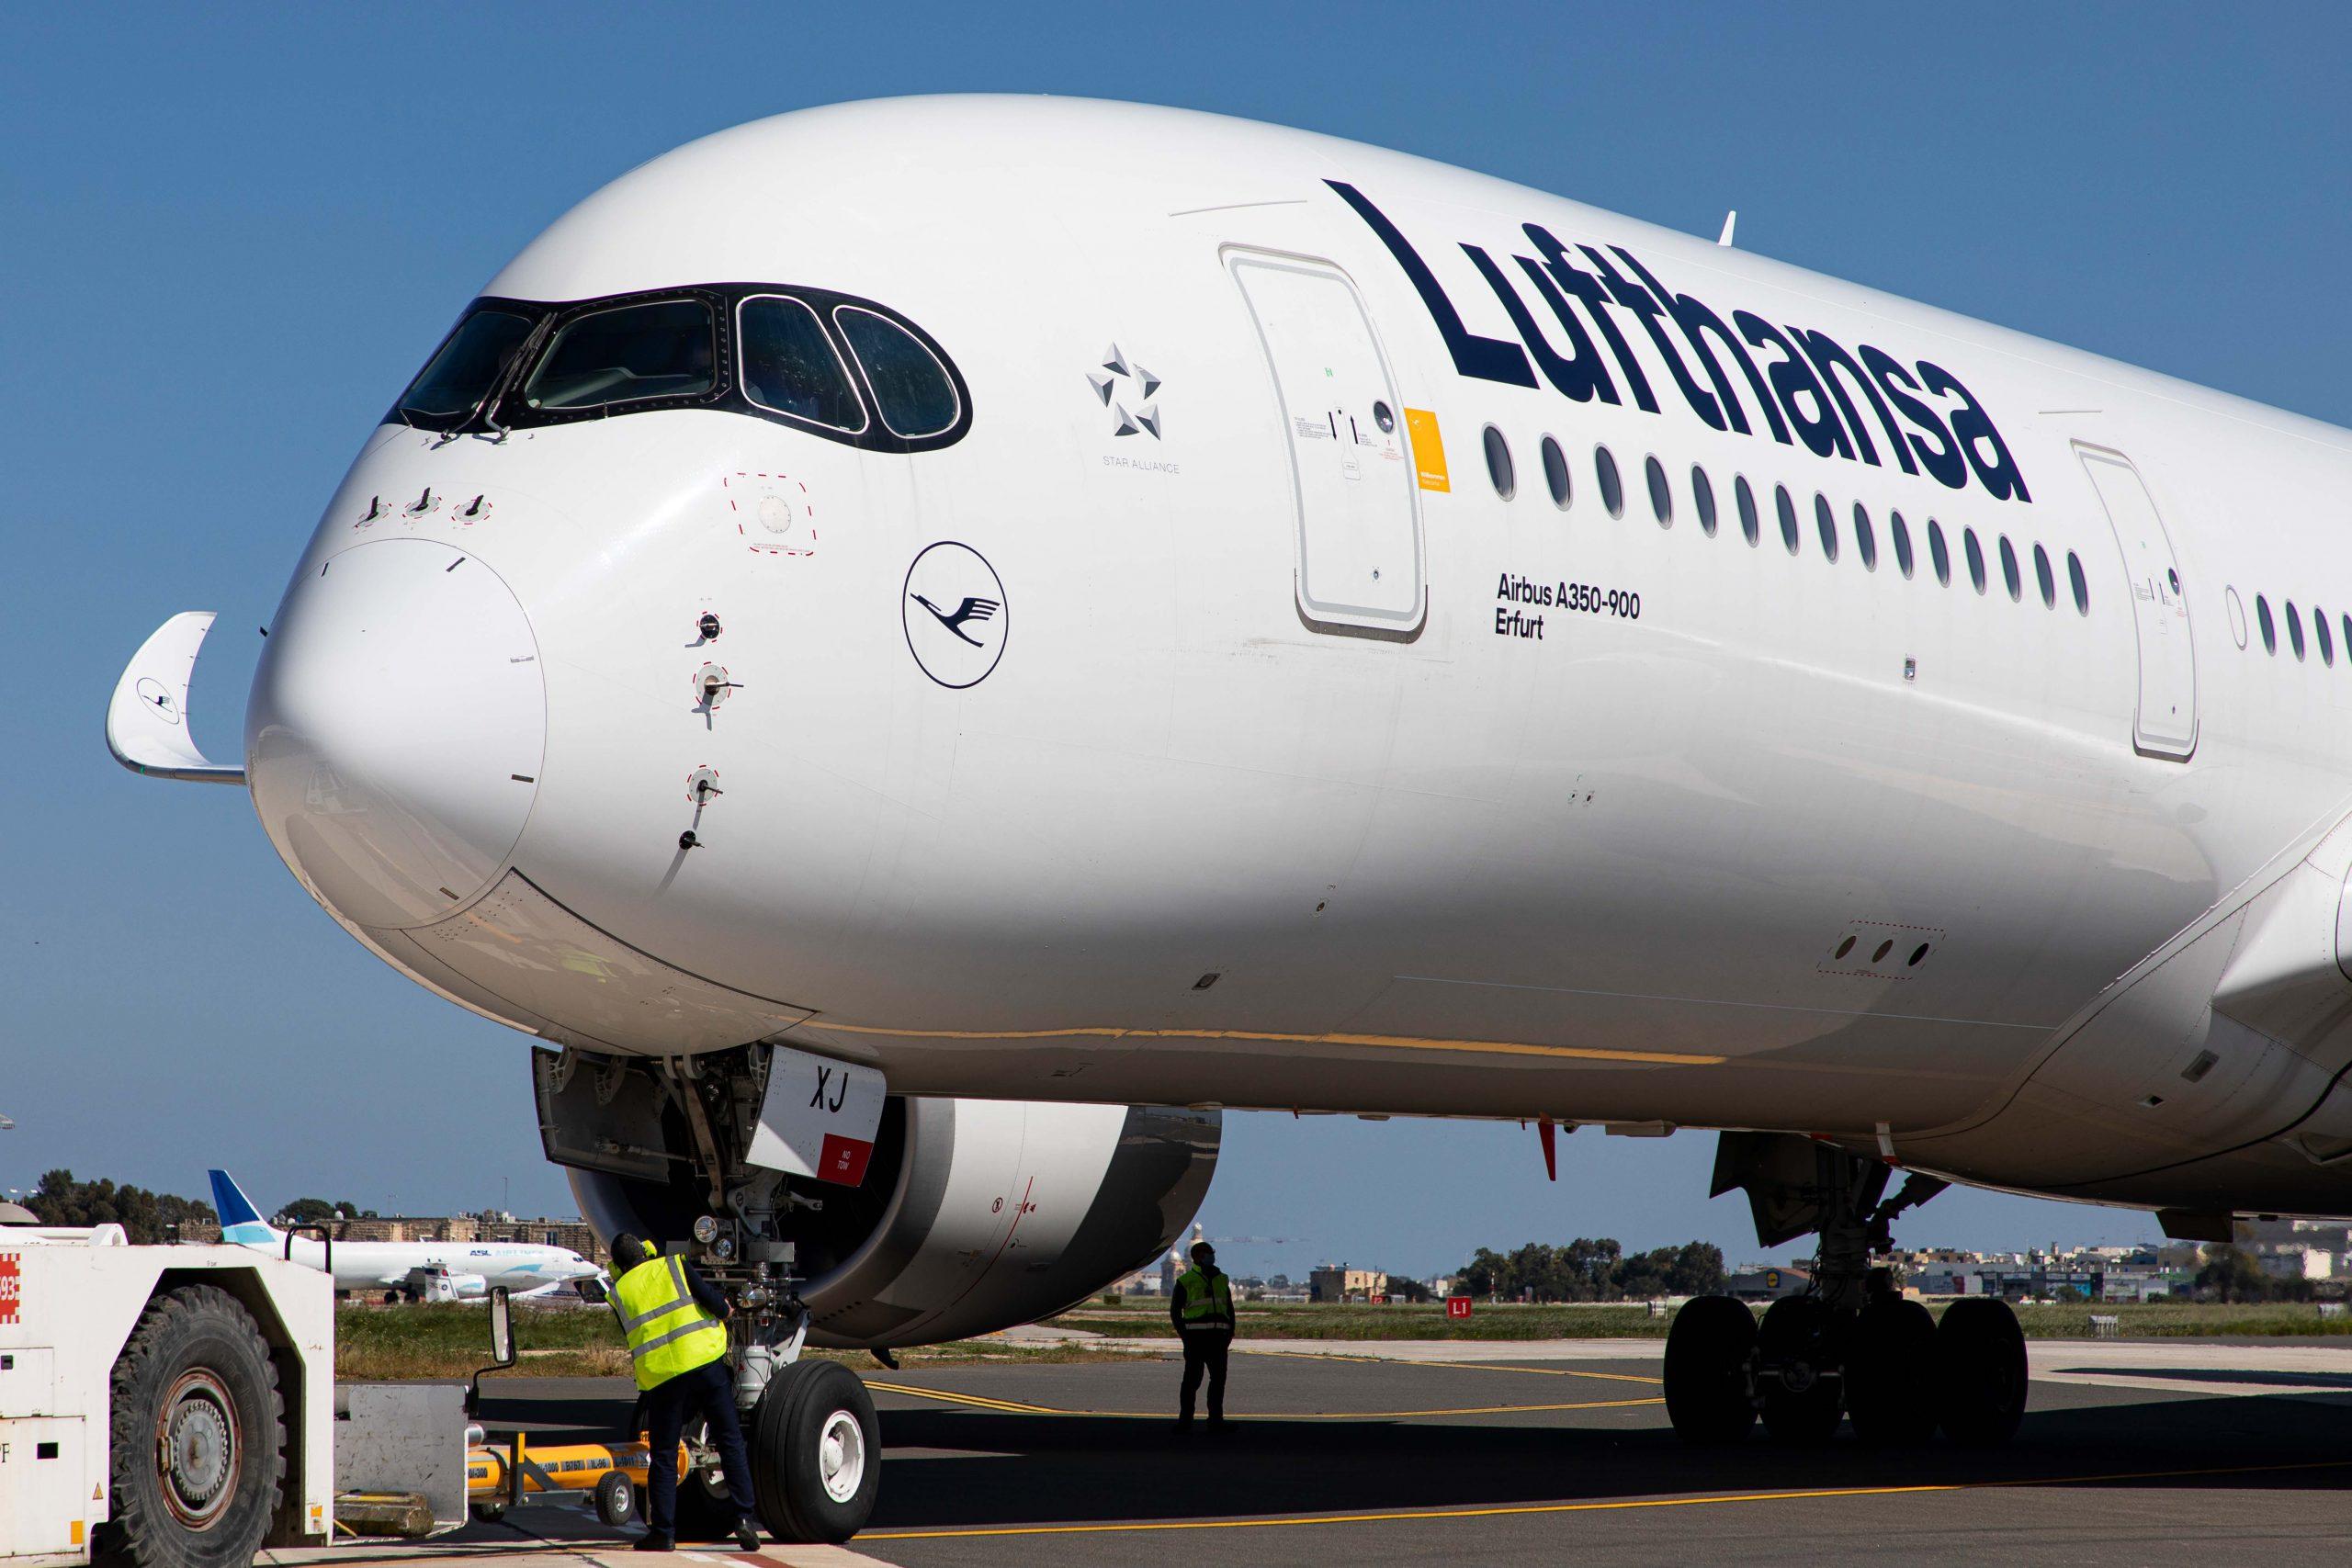 """Lufthansa-flyet her – en Airbus A350-900 med navnet """"Erfurt"""" – skal fra slutningen af 2021 foretage klimaforsknings-flyvninger. Foto: Lufthansa Group"""